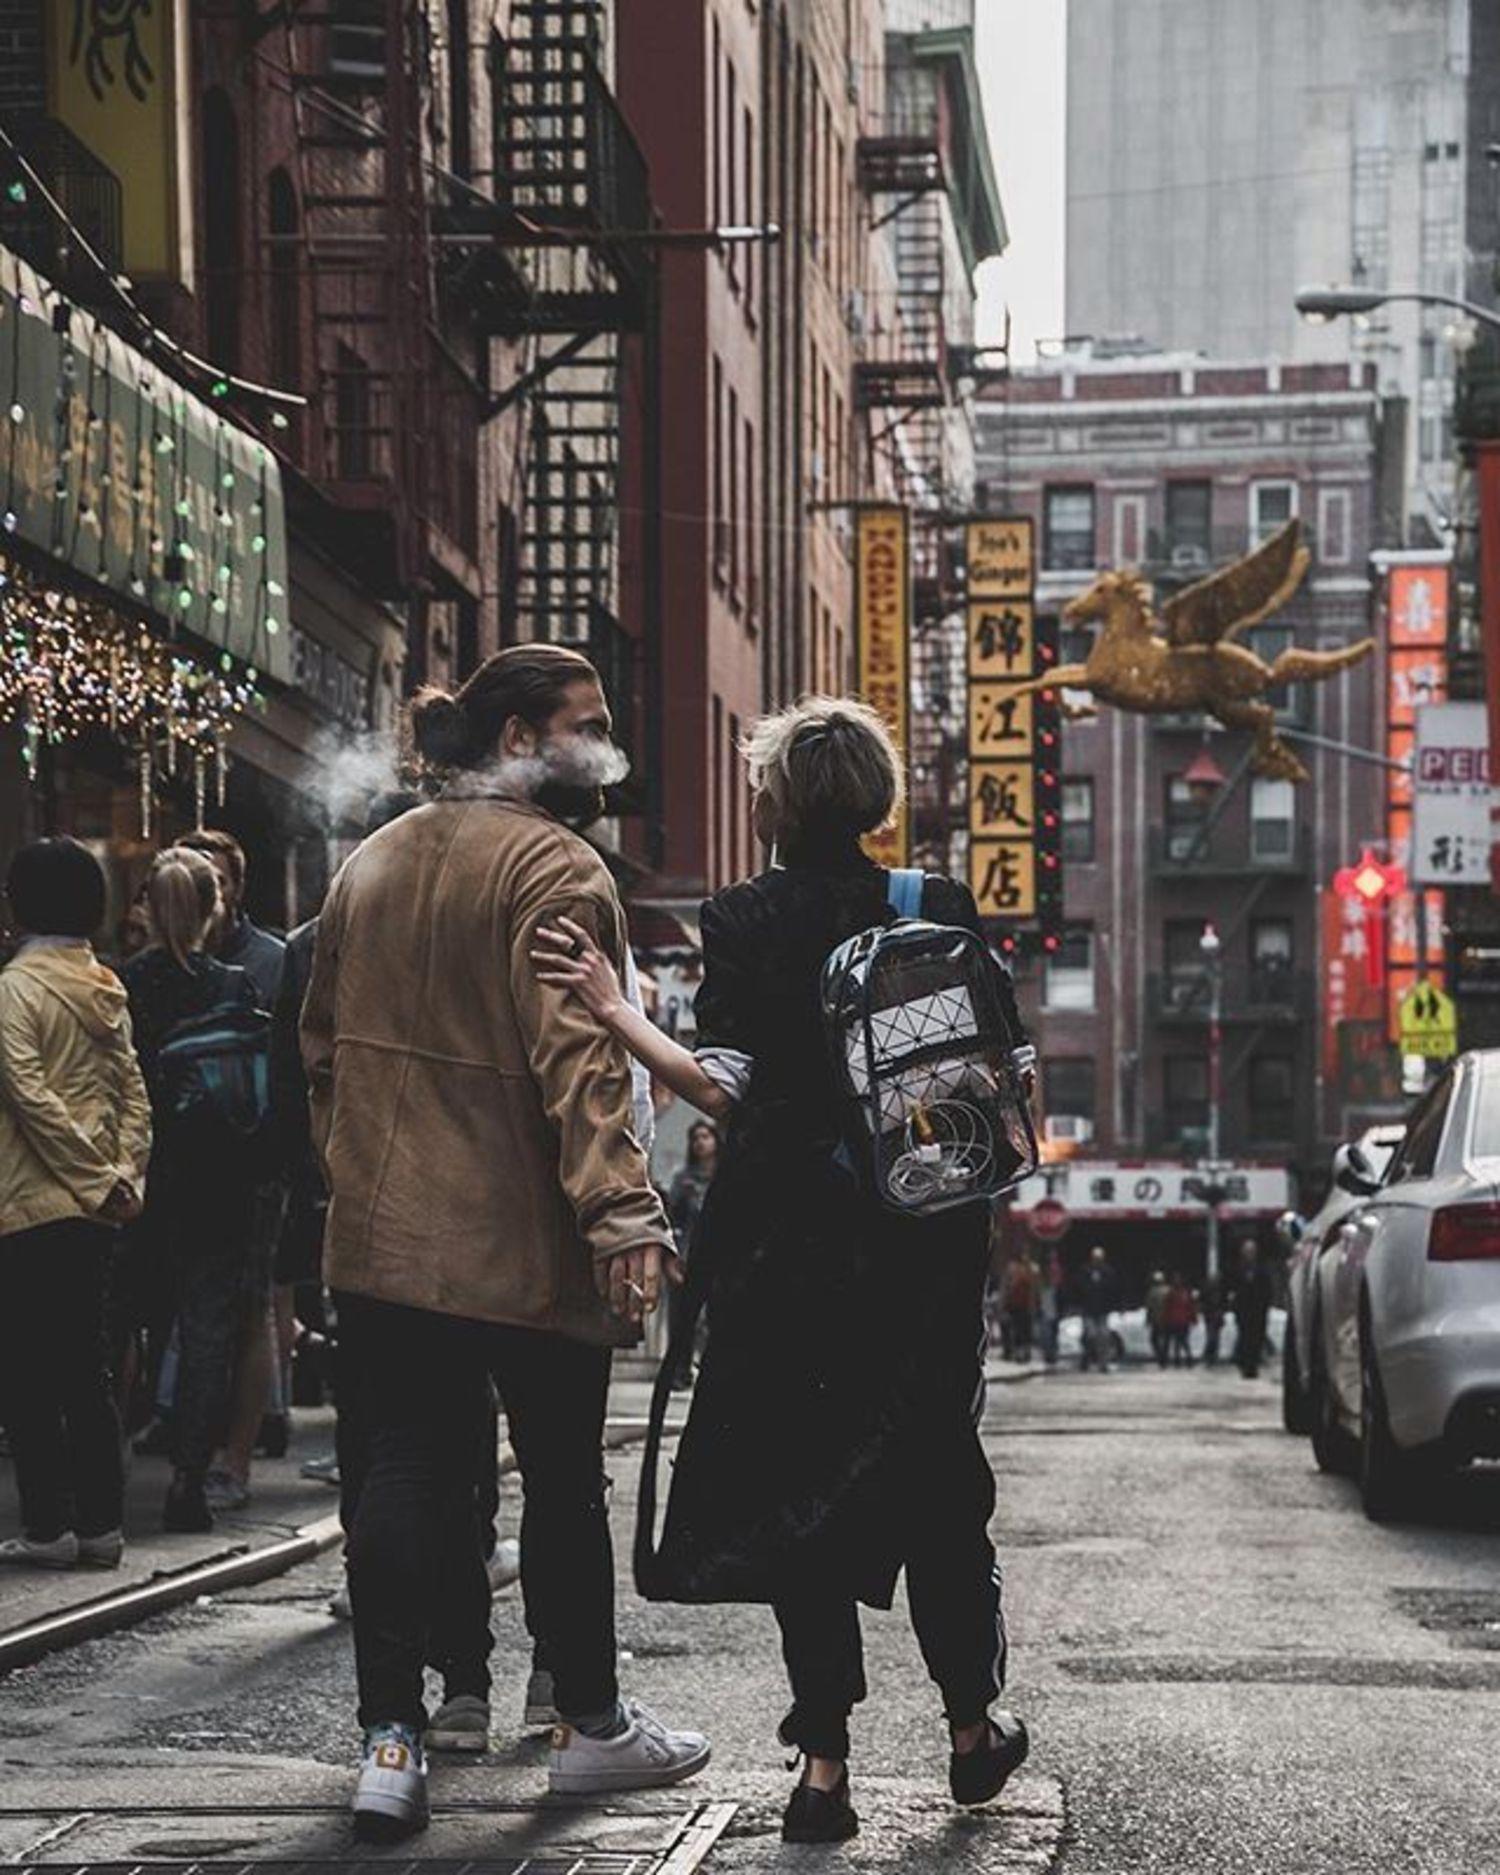 Pell Street, Chinatown, Manhattan. Photo via @papakila #viewingnyc #newyork #newyorkcity #nyc #pellstreet